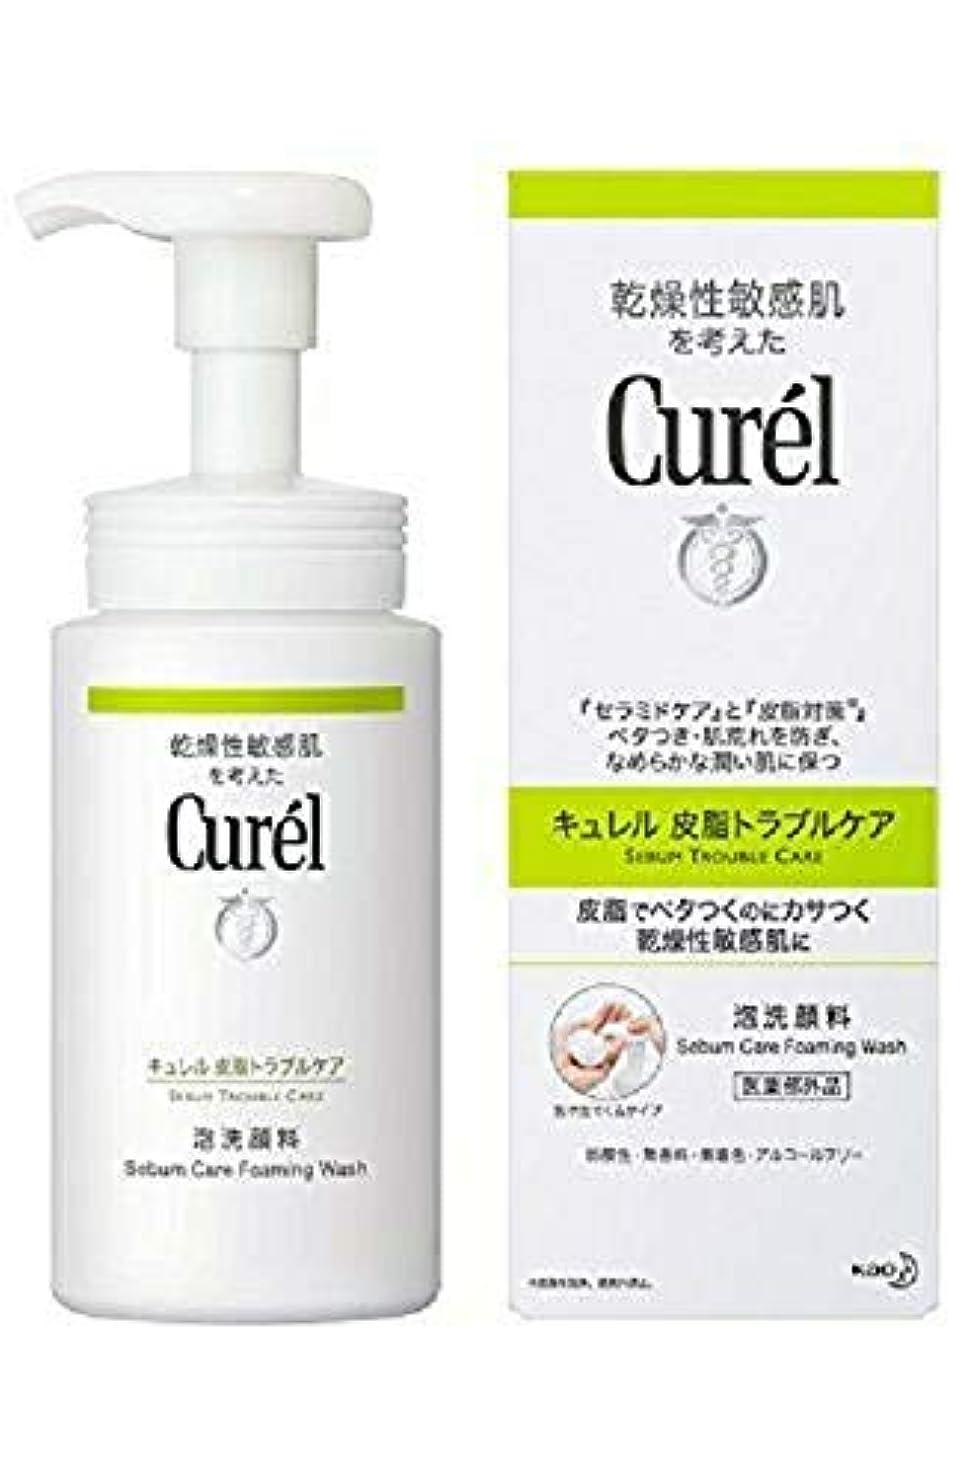 Curél キュレル皮脂皮脂トラブルケア泡風呂ゲル150ミリリットル-skinケア洗浄後にタイトではない、快適、クールマットになります。